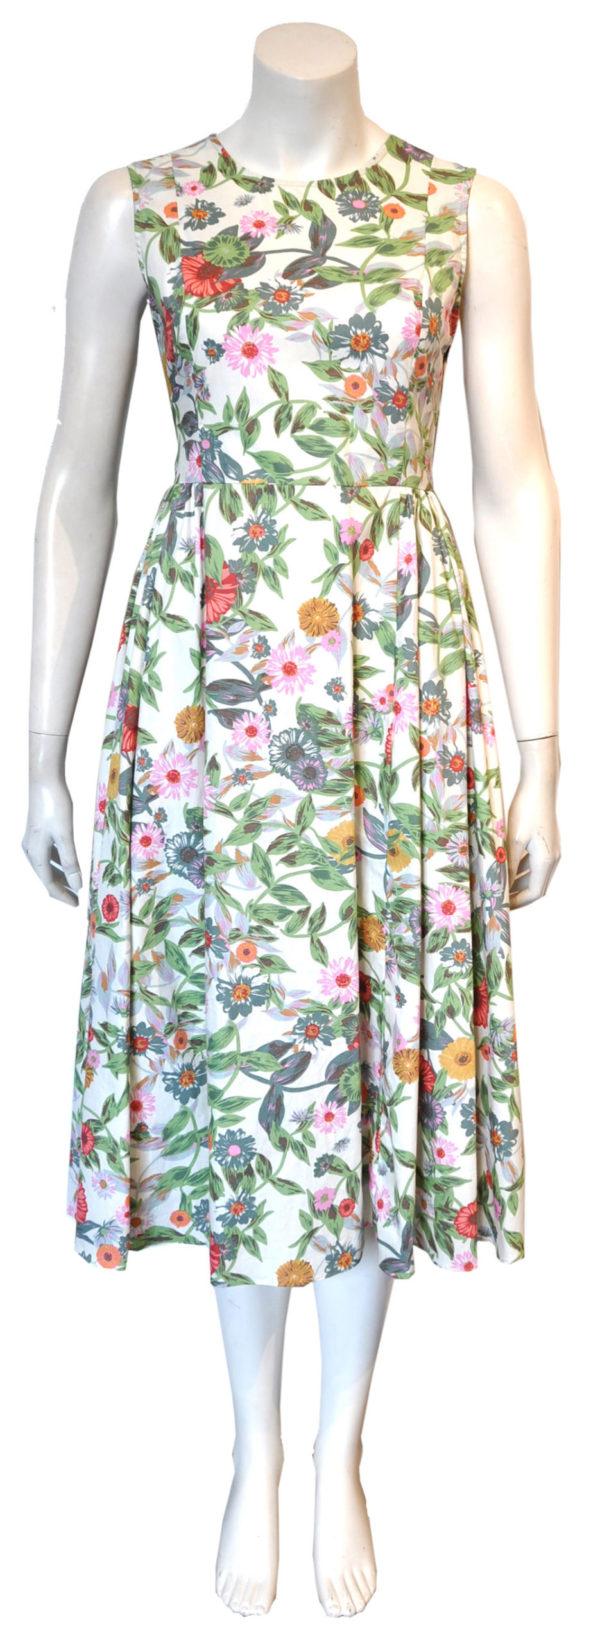 floral cross back dress- front